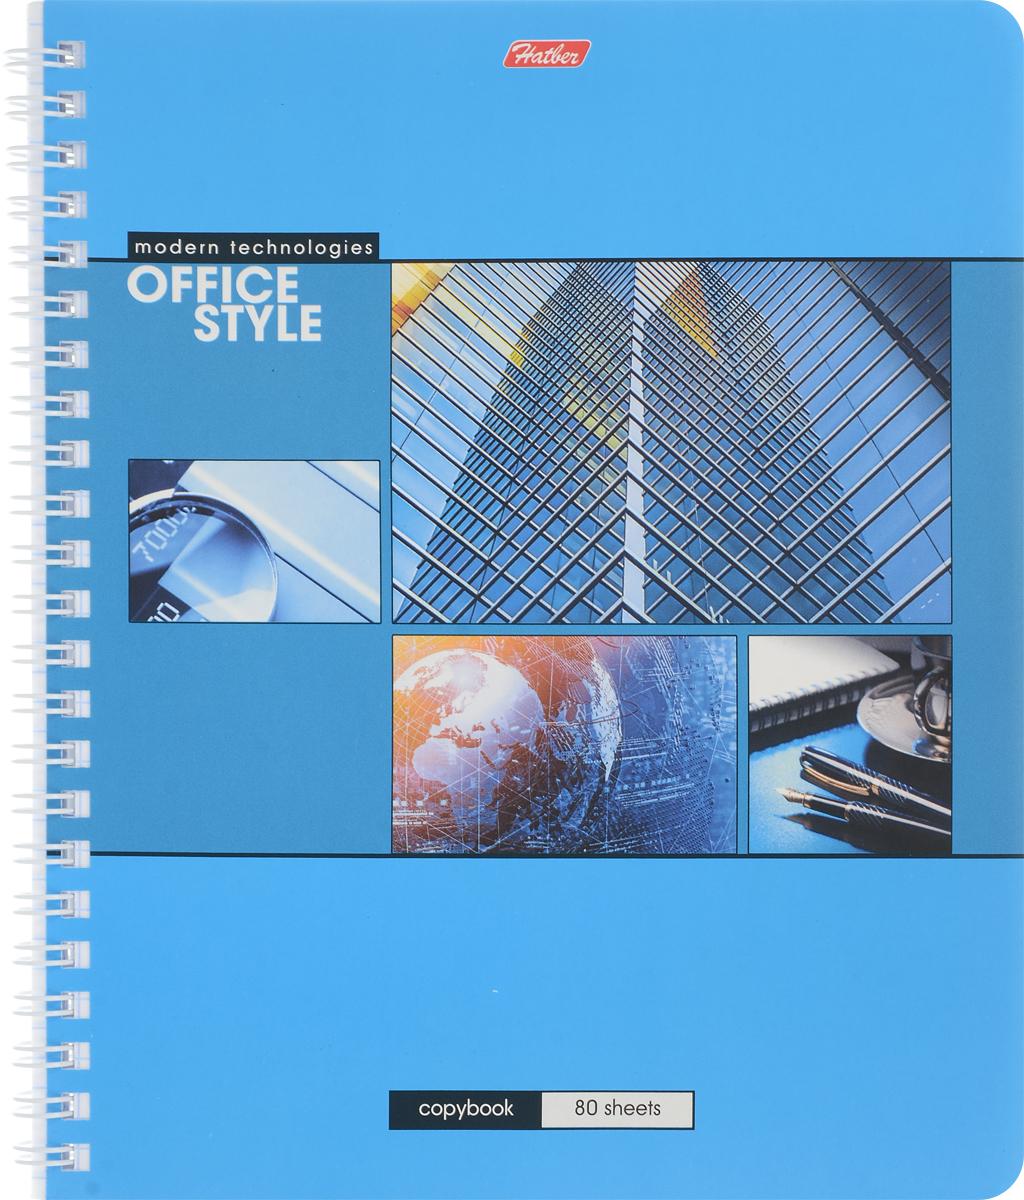 Hatber Тетрадь Офис 80 листов в клетку цвет голубой hatber тетрадь angry birds 48 листов в клетку цвет голубой розовый